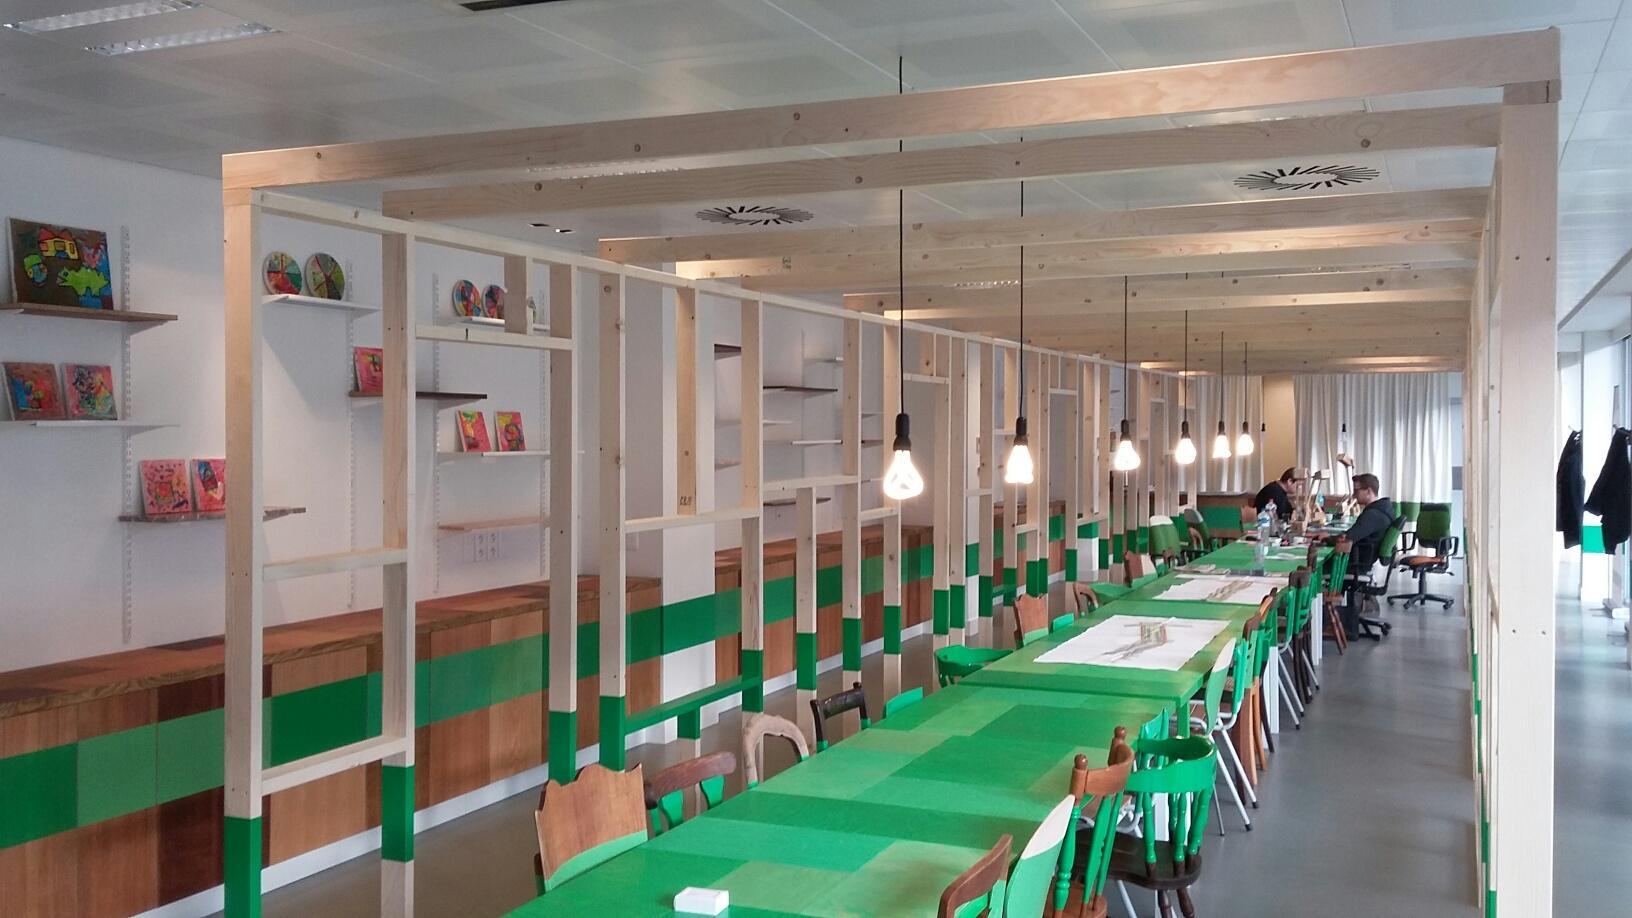 foto infopunt Noorderlijn met doorlopende groene lijn over het meubilair